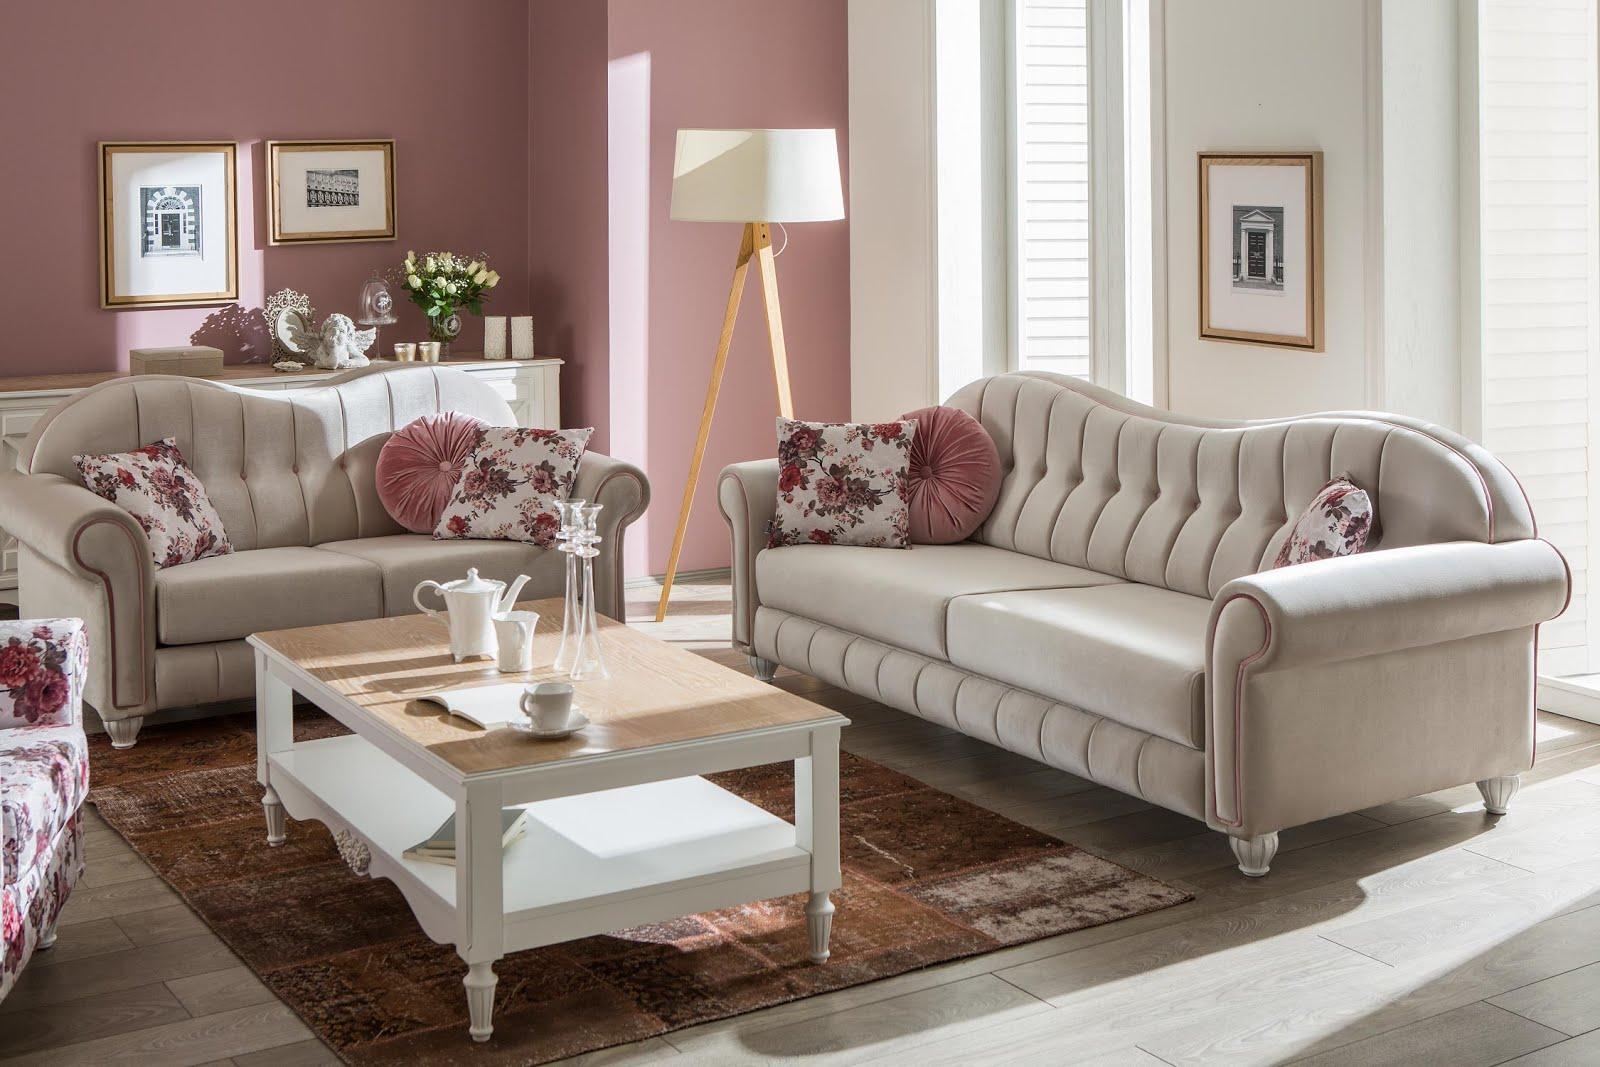 Unglaublich Möble Ideen Von Furniture Store